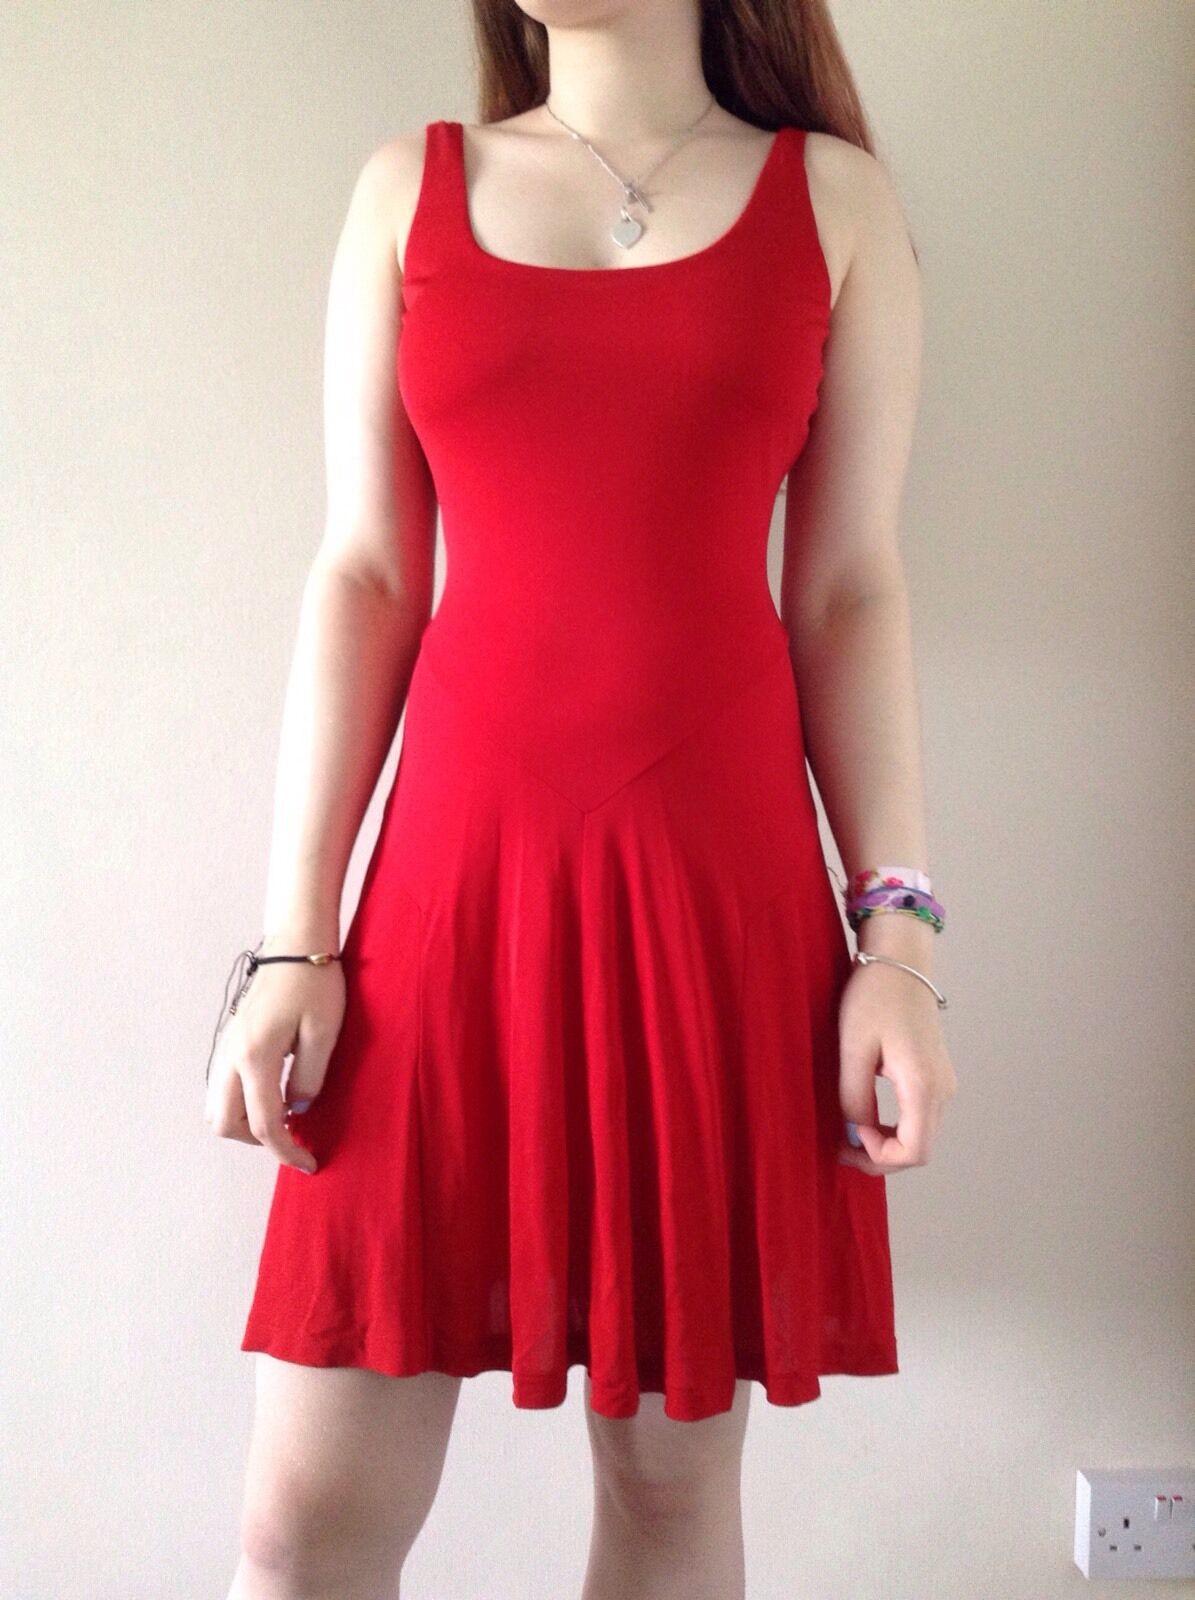 Mujer Polo Ralph Lauren Rojo Viscosa Vestido  Talla S Nuevo PVP  calidad de primera clase